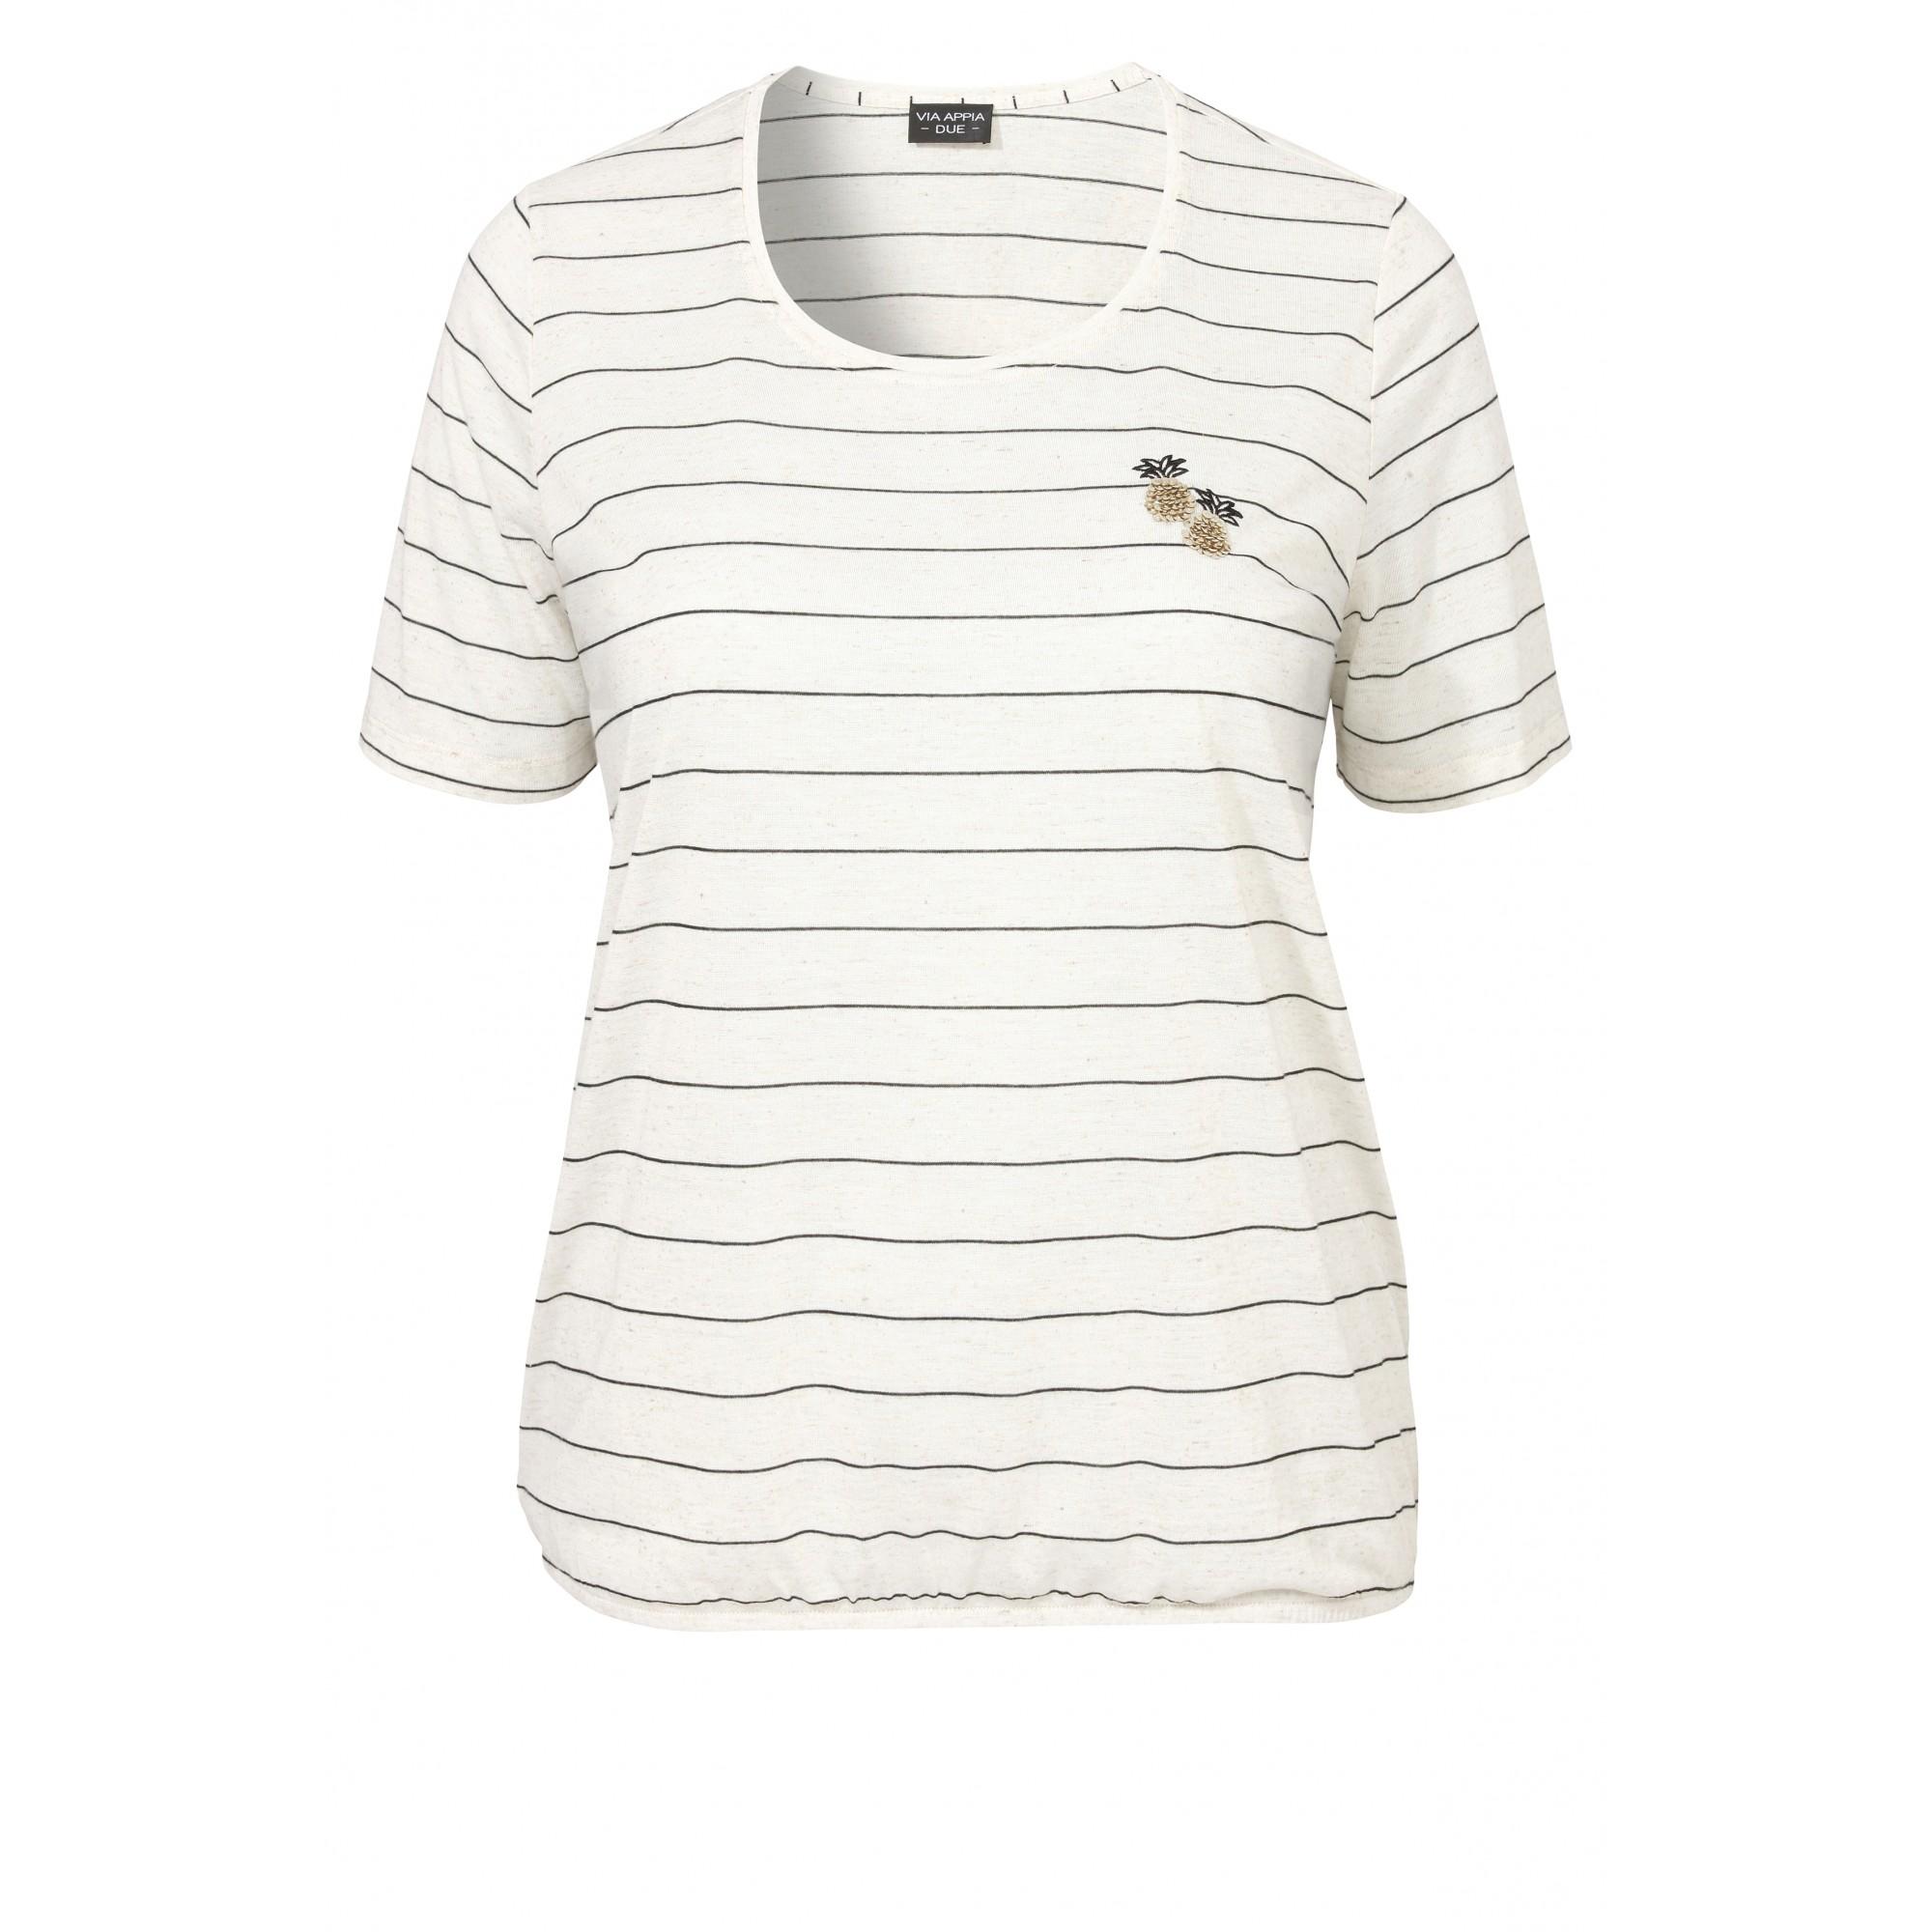 Sommerliches Shirt mit Streifen